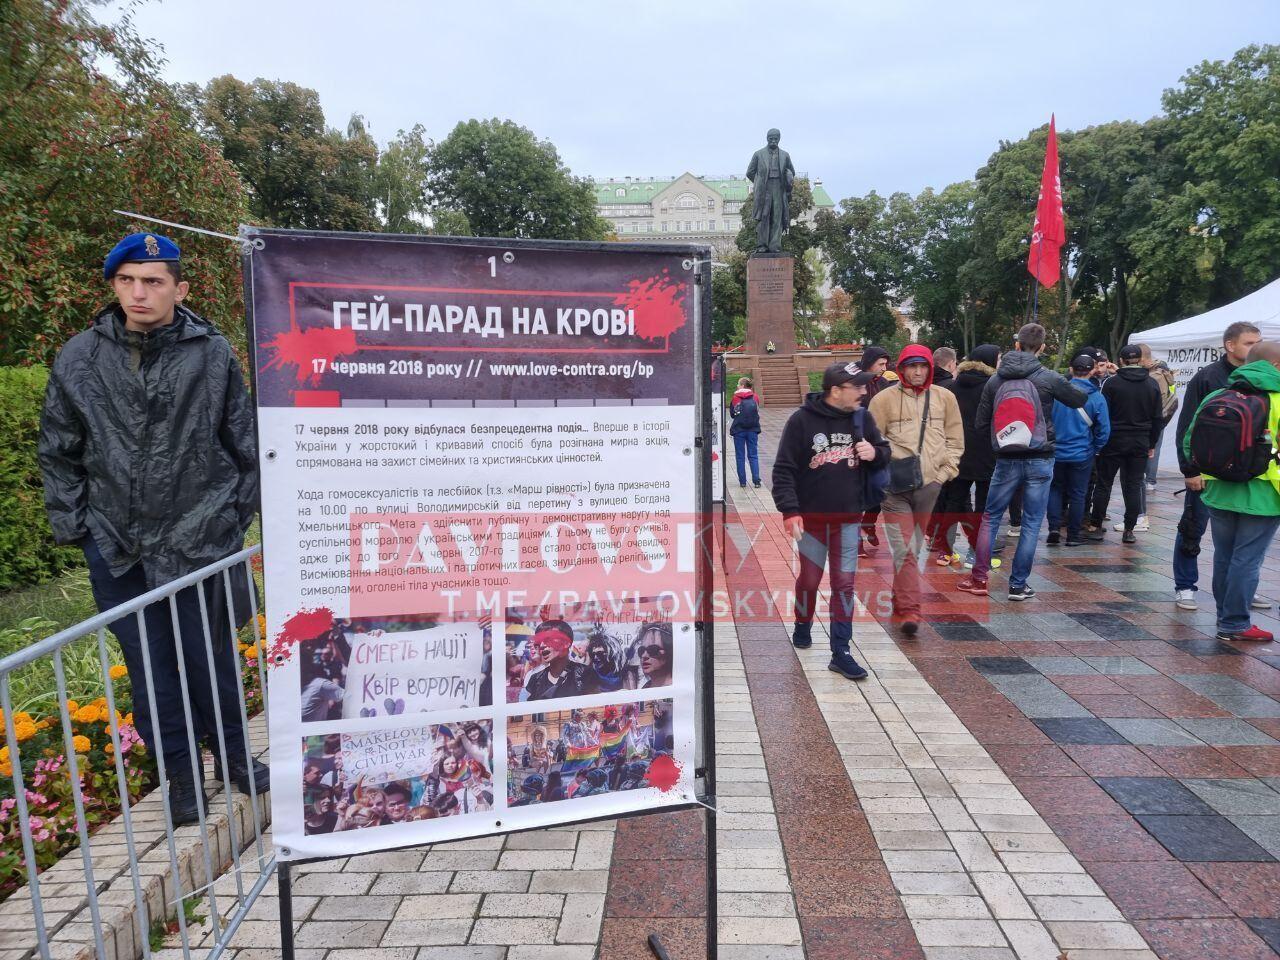 В парке Шевченко начали собираться противники марша равенства